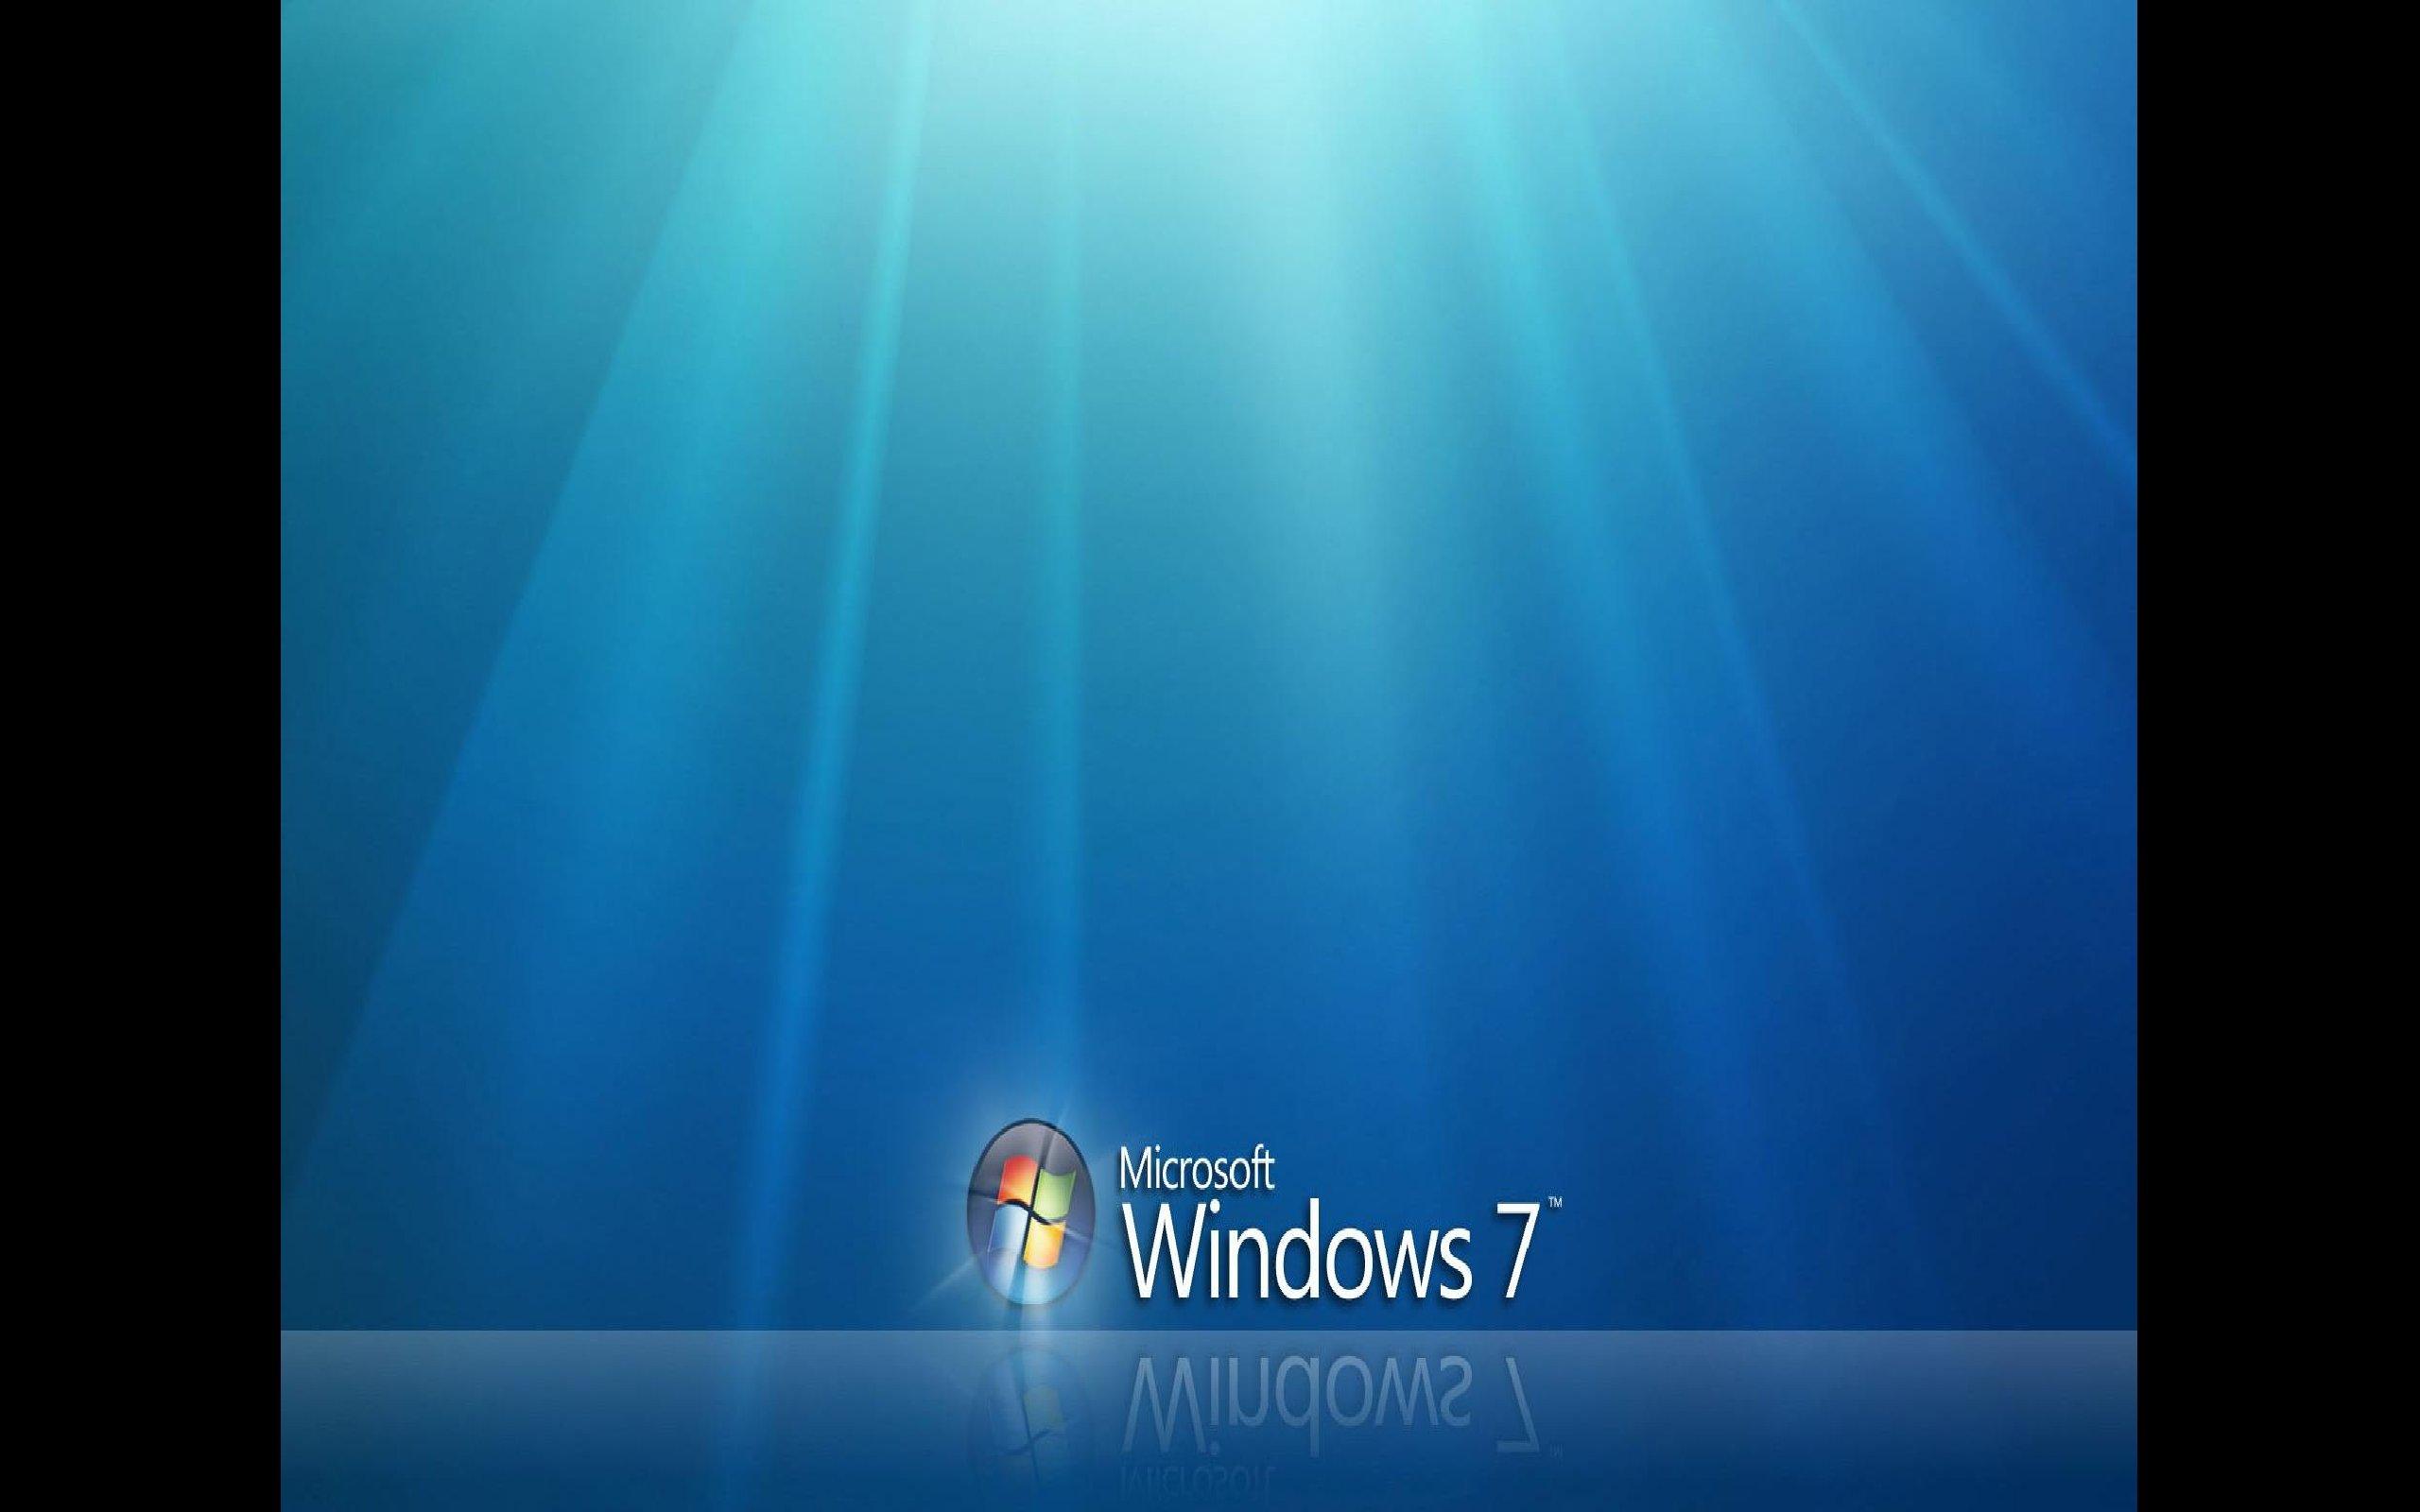 Сборка основана на финальной версии Windows 7.